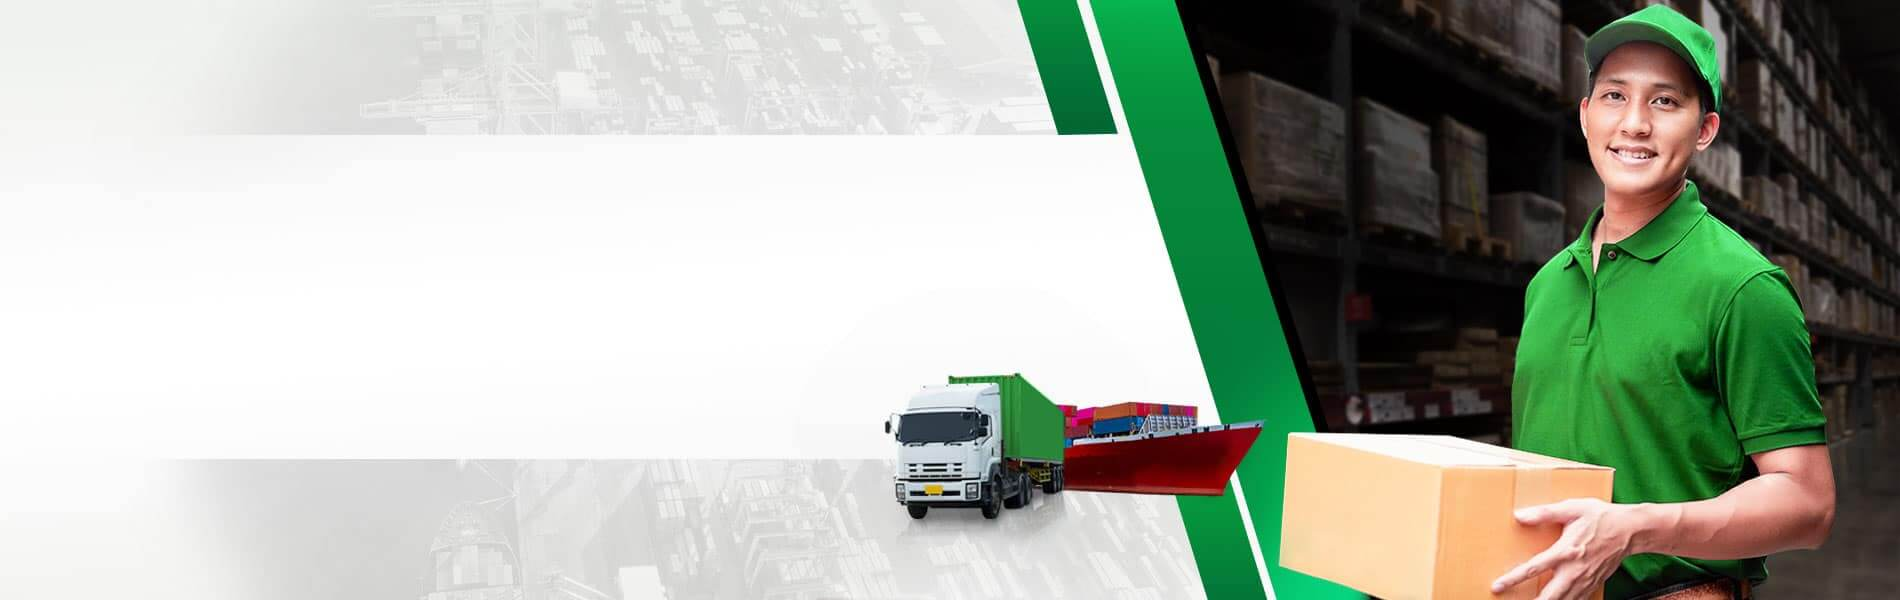 Bull Logistics นำเข้าสินค้าจากจีนกับมืออาชีพ